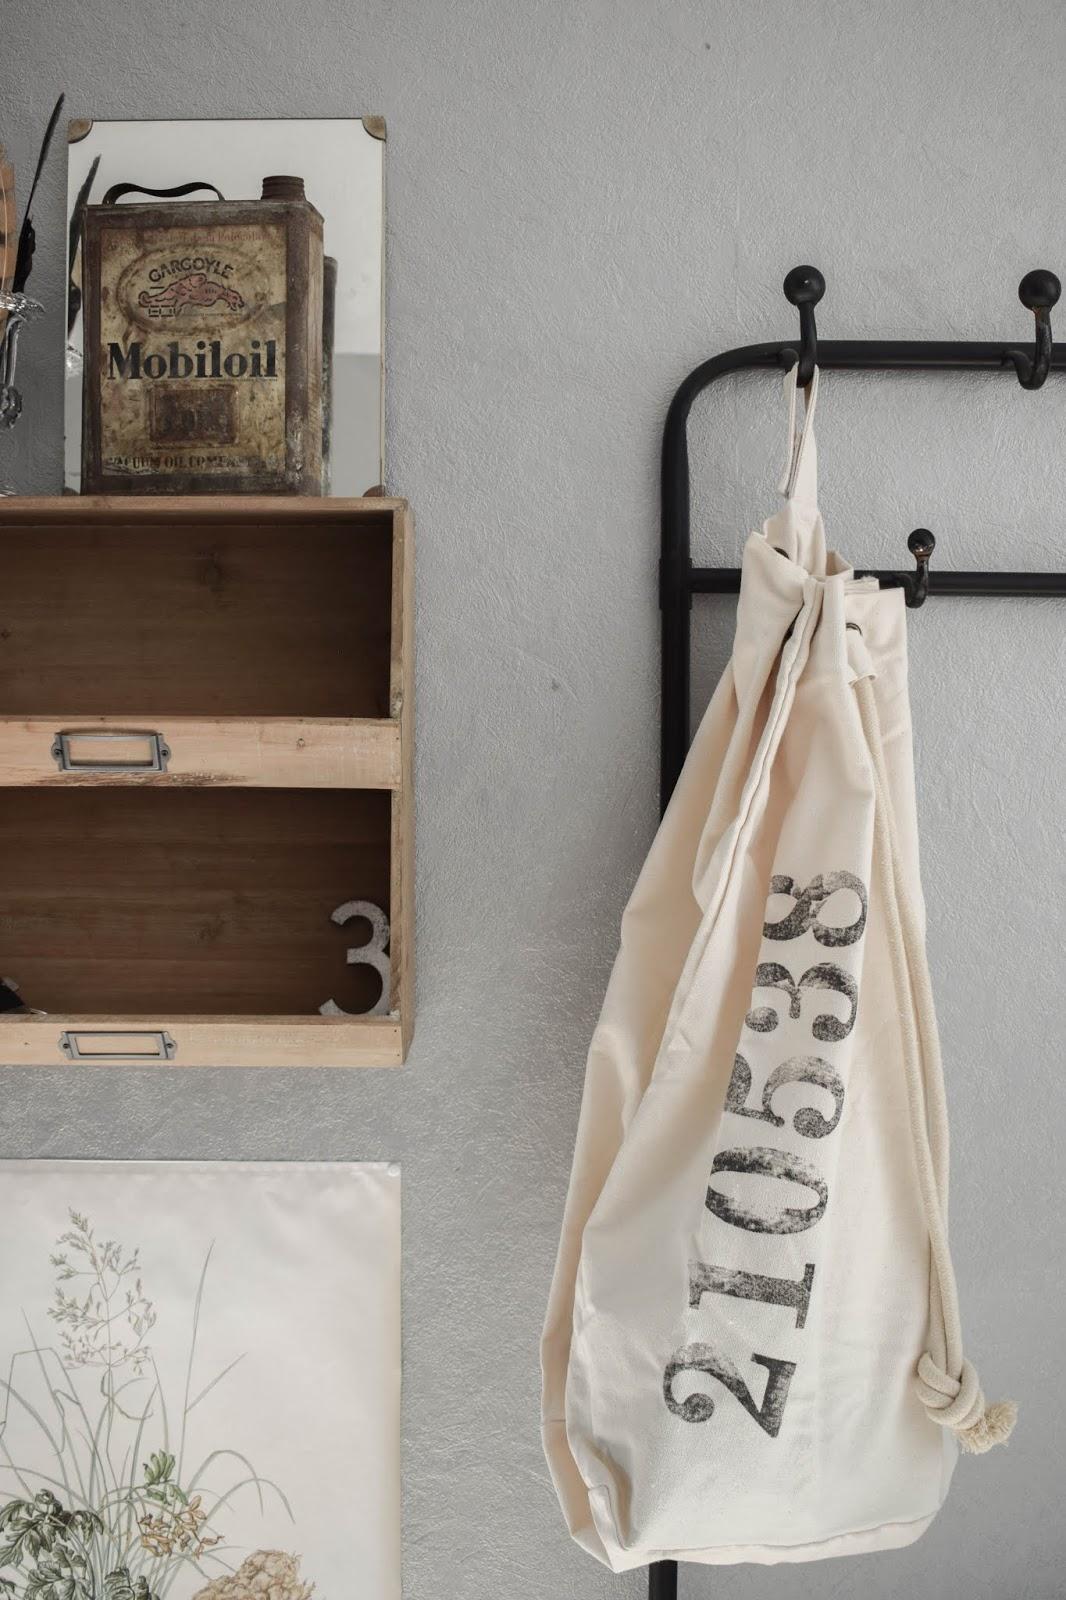 Garderobe Diele Flur Eingangsbereich Deko Dekoidee Interior Einrichtung WENKO Wäschesammler Wäschesack Aufbewahrung Werbung 4